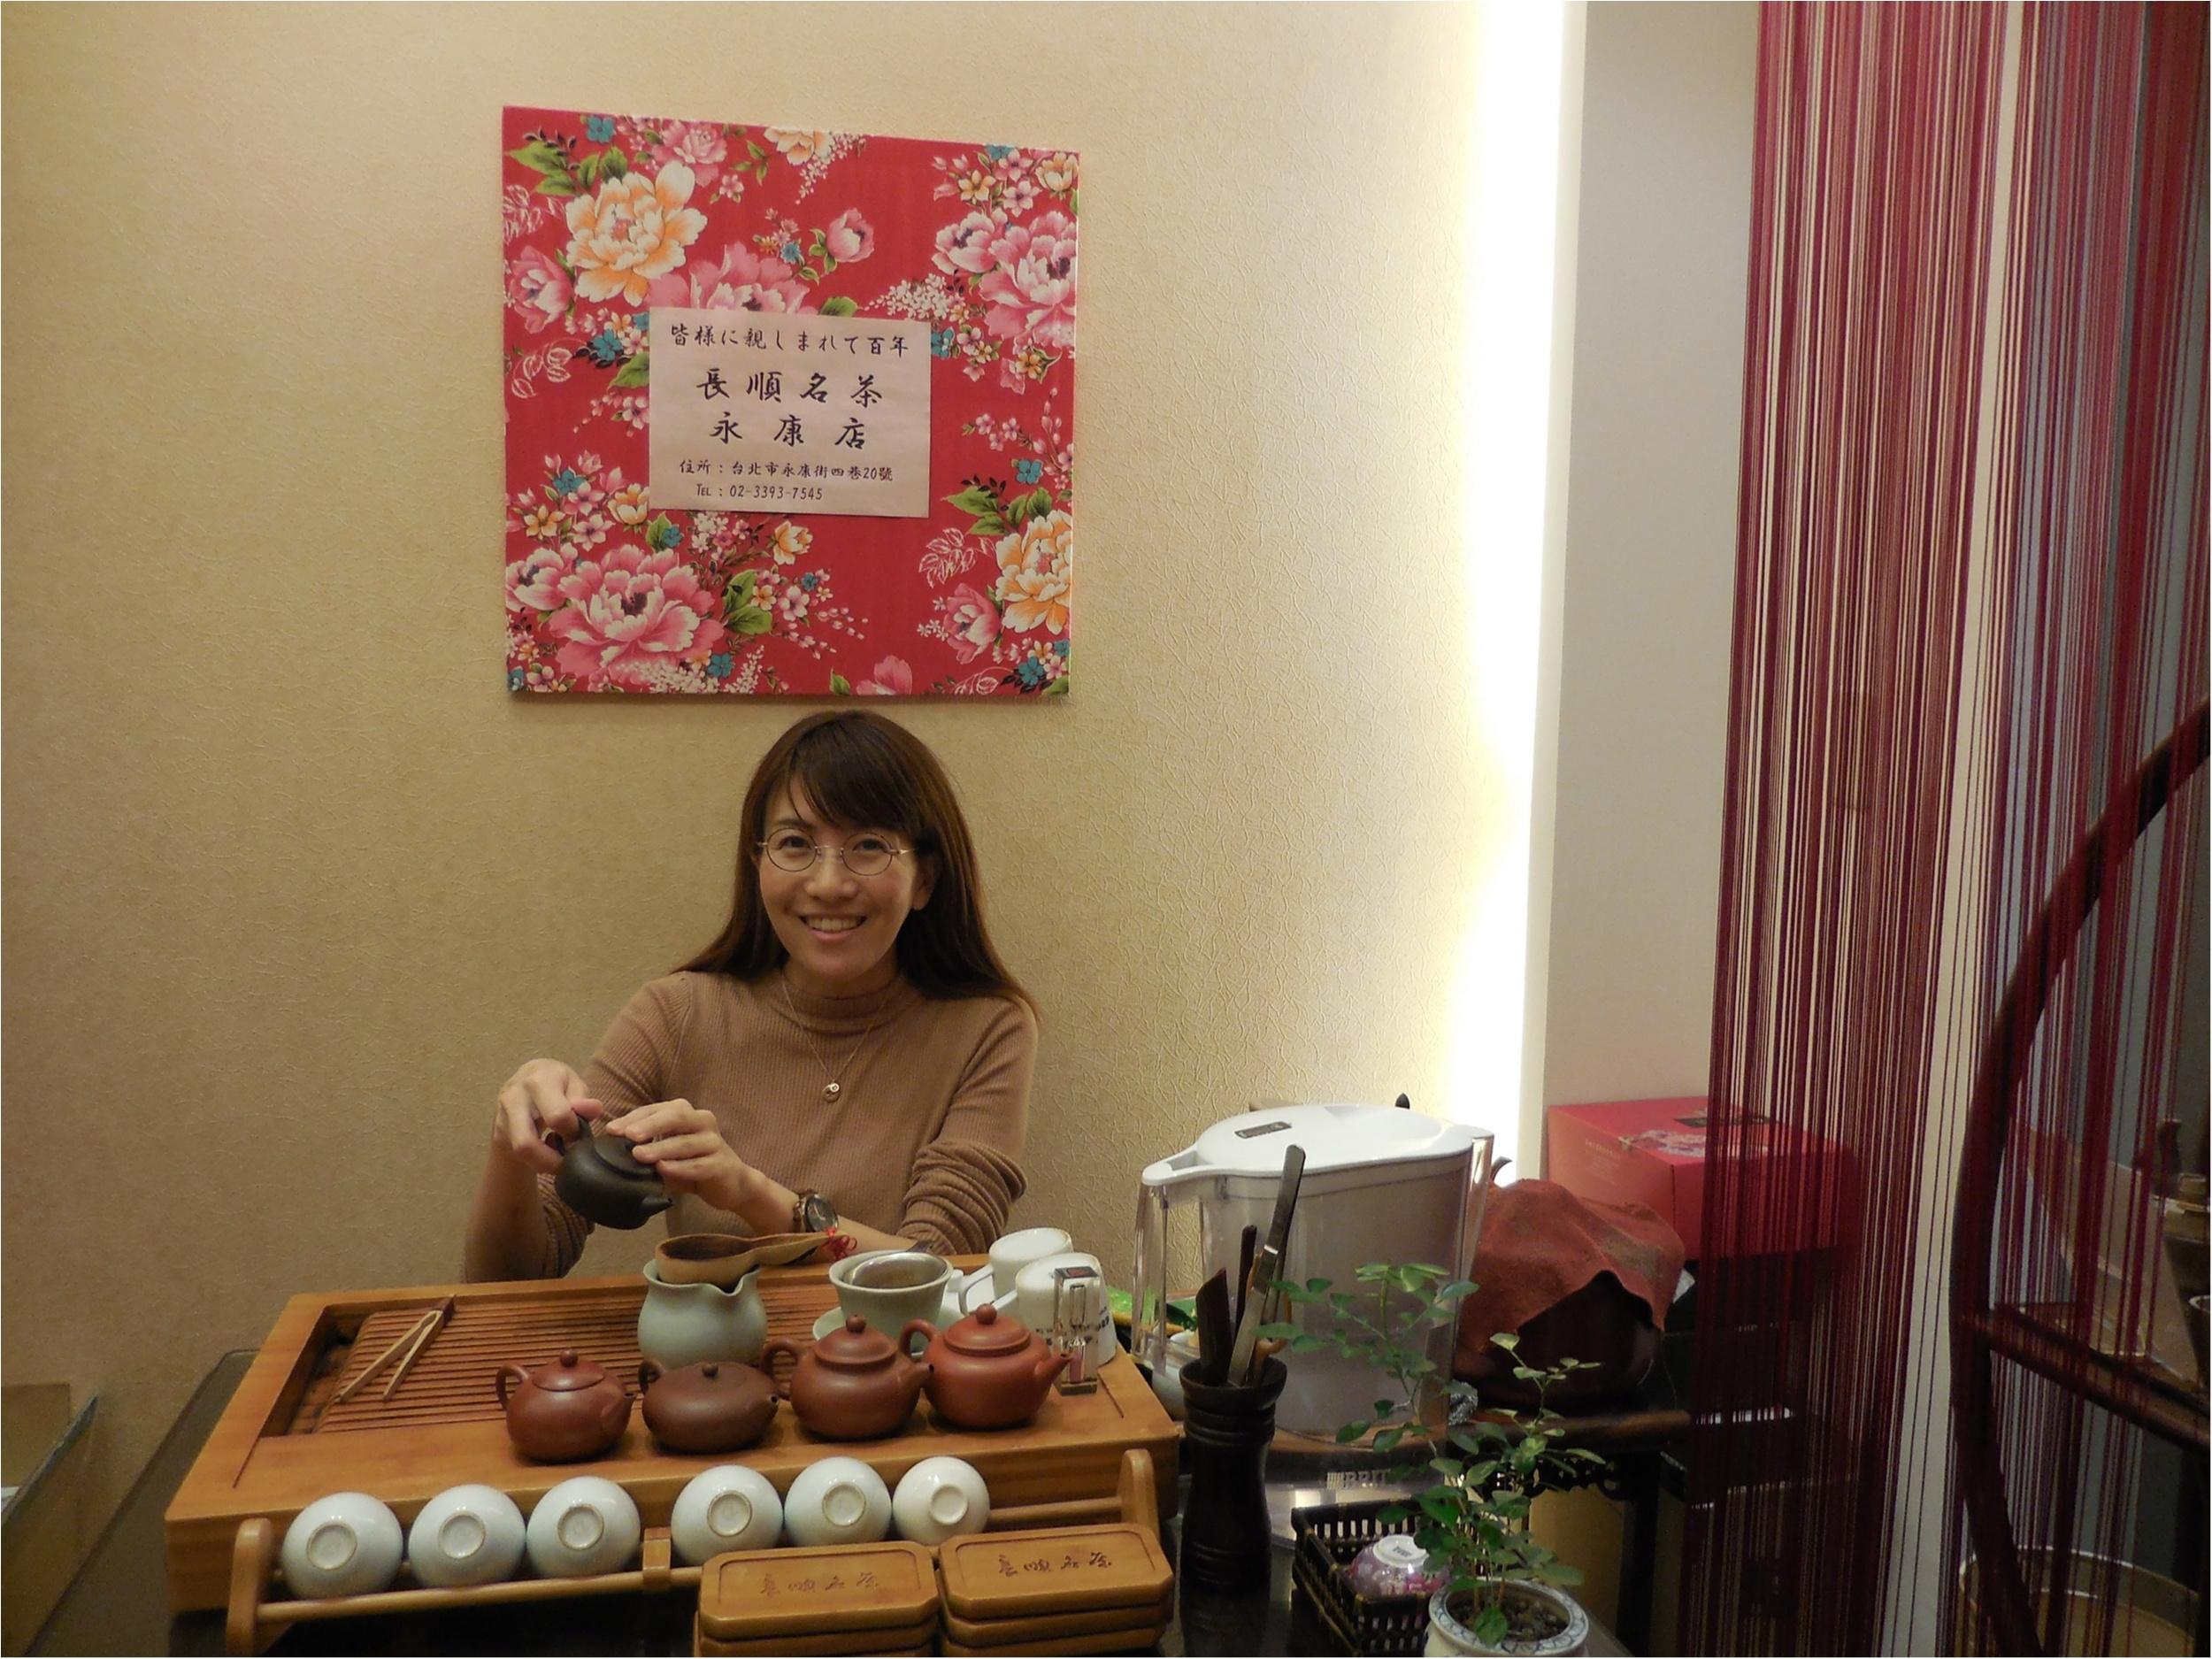 【台湾・台北】台湾花布をモチーフにした飲杯が最高に可愛い!_8